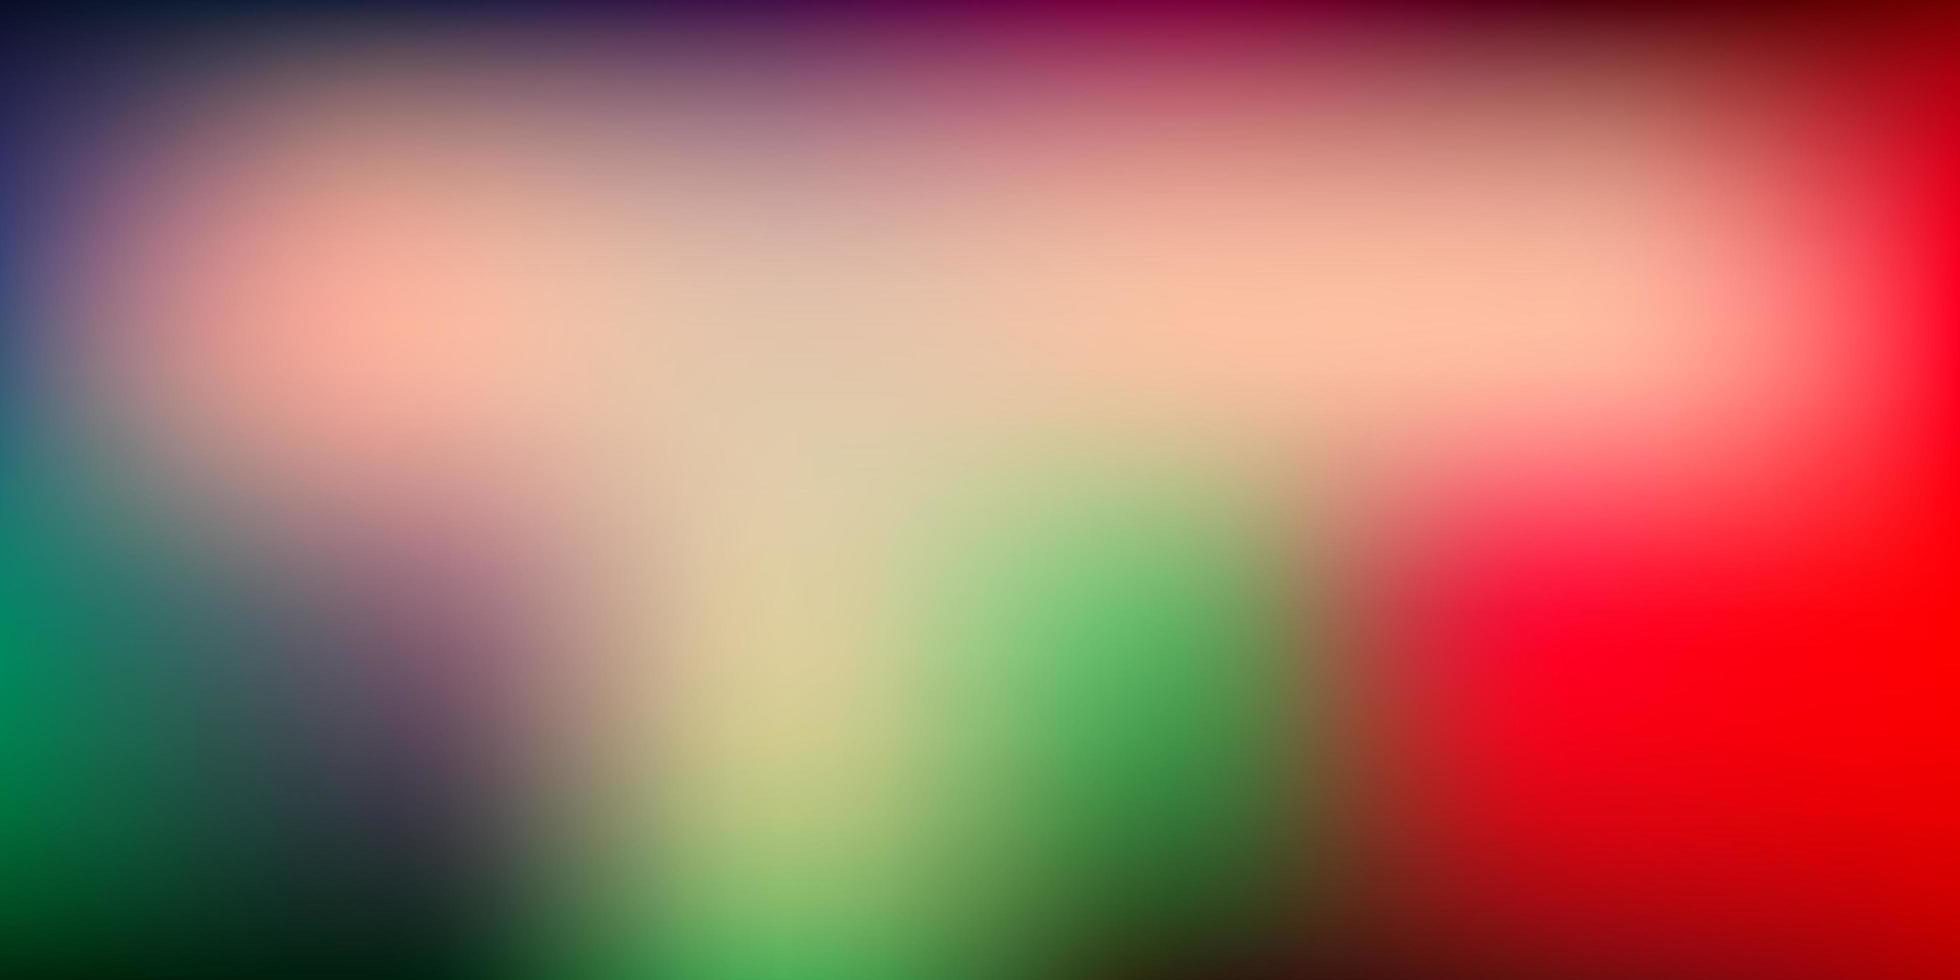 hellgrüner, roter Vektor verwischte Hintergrund.